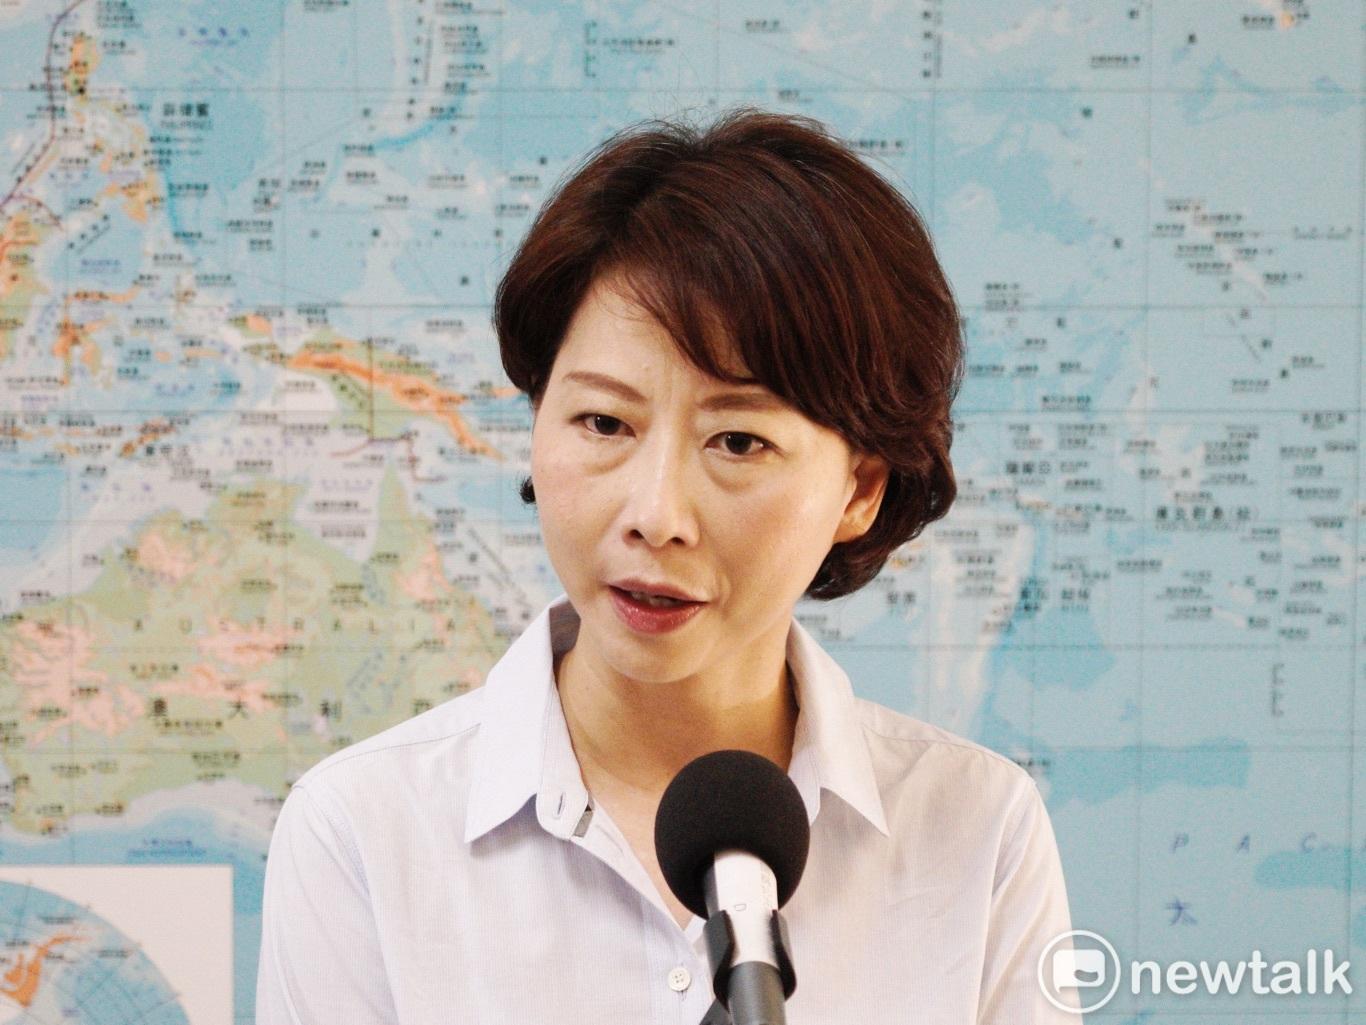 林為洲喊「反共」黨中央不吭聲 綠委:國民黨路線不講清楚將被人民放棄